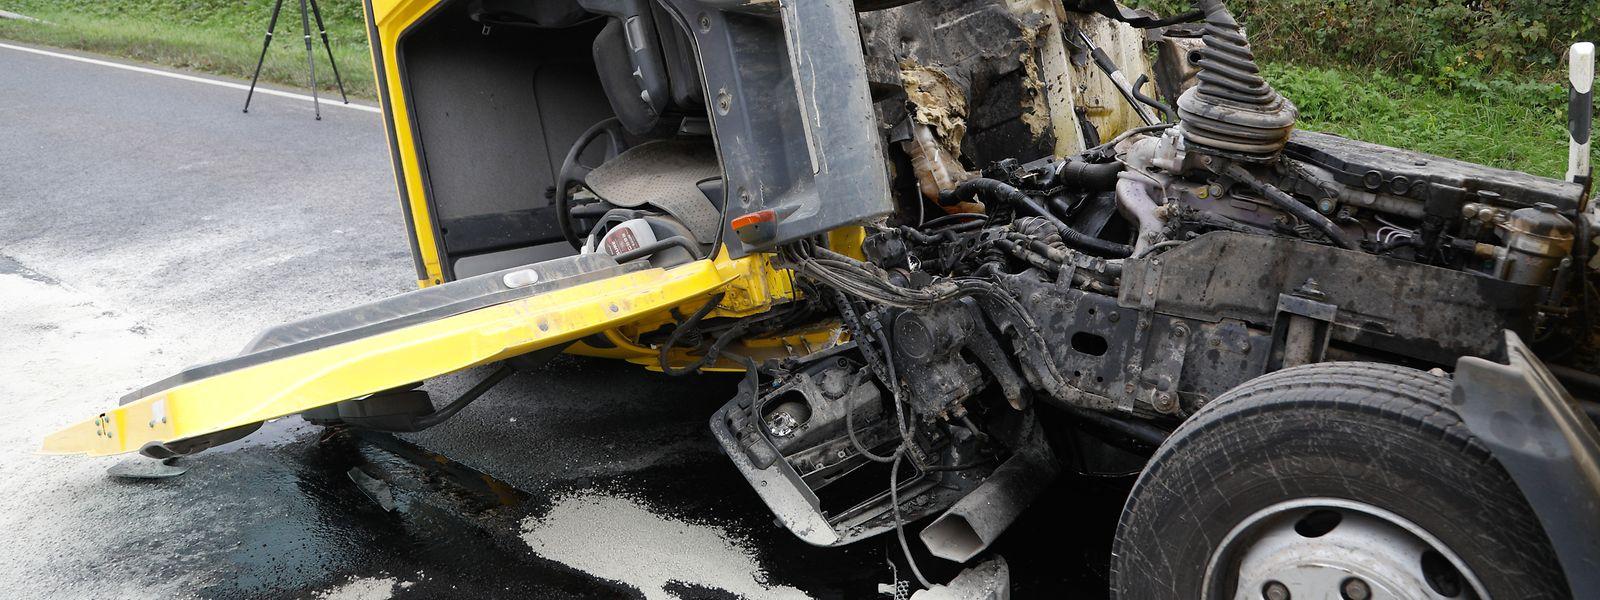 Auf der N2 war es am Dienstag zu einer Frontalkollision zwischen einem Lastwagen und einem Auto gekommen. Für zwei Insassen des Autos kam jede Hilfe zu spät.